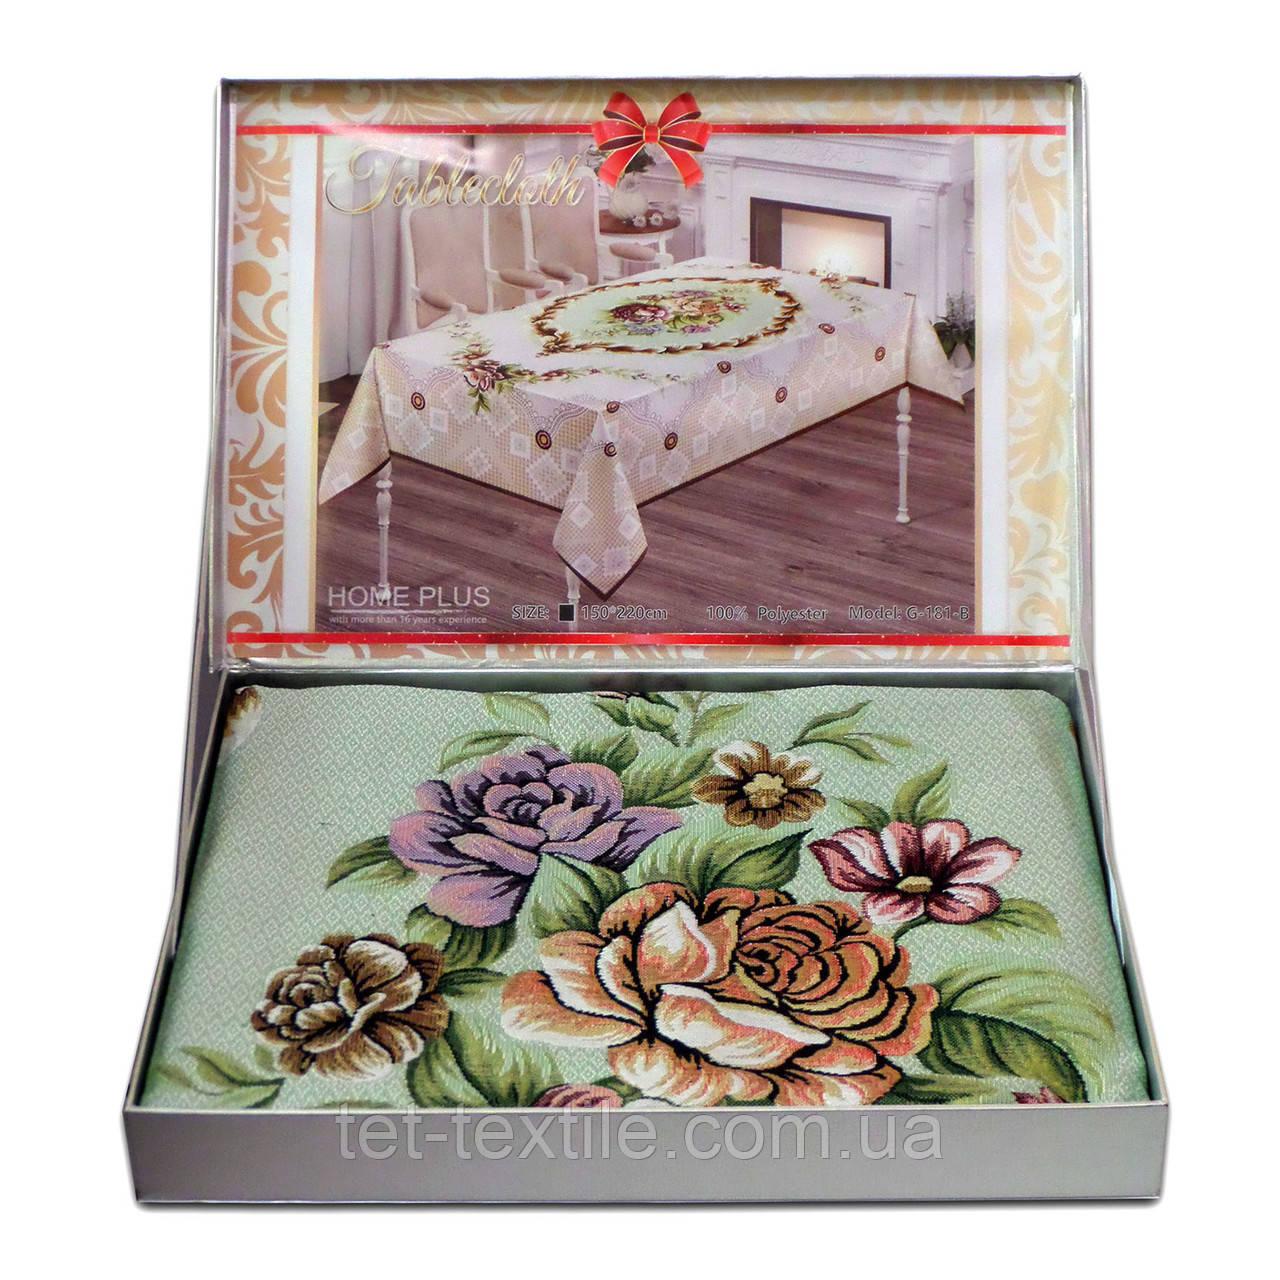 Скатерть цветочный букет в чемоданчике Home Plus (150x220cm.)